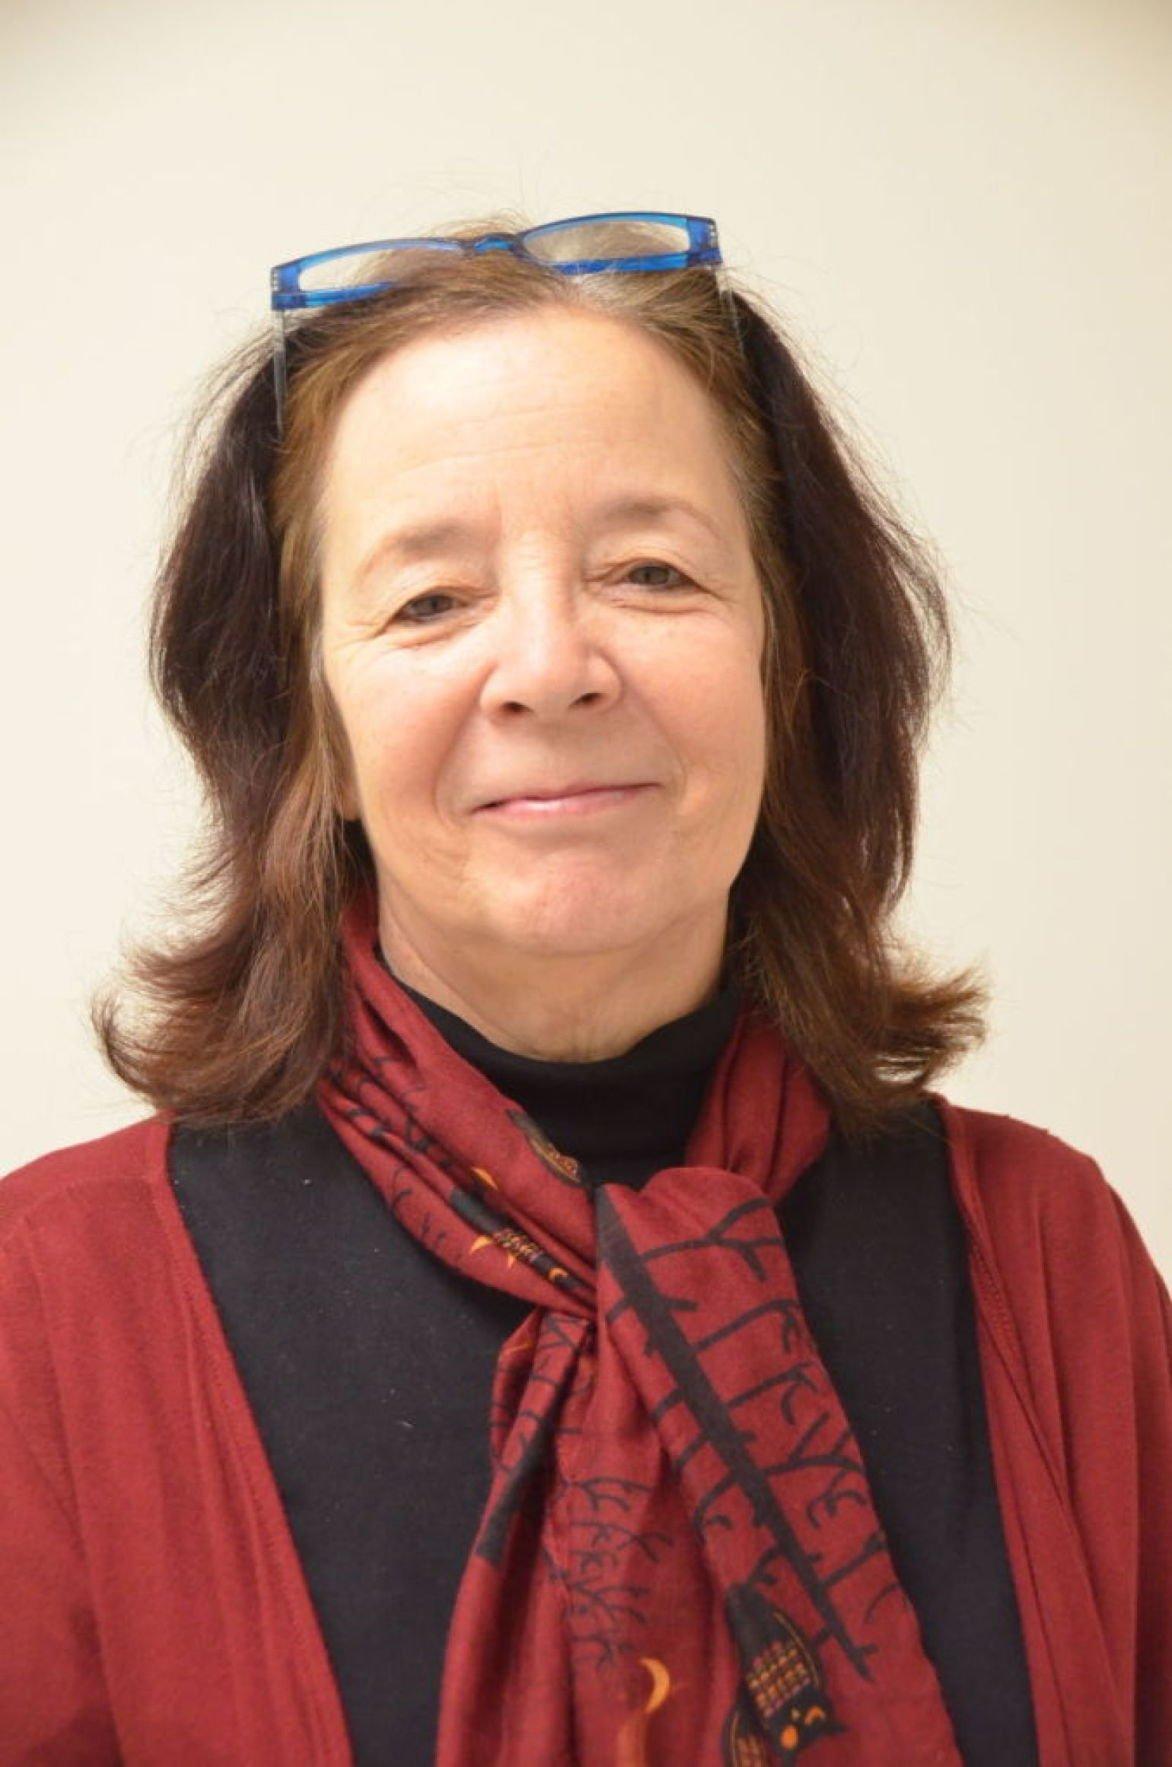 Julia Spelsberg